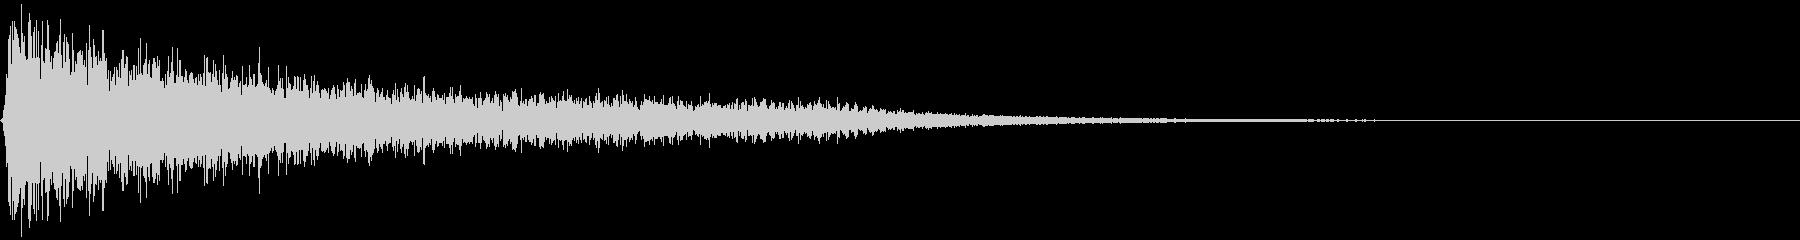 ピアノの低音で ガーンの未再生の波形